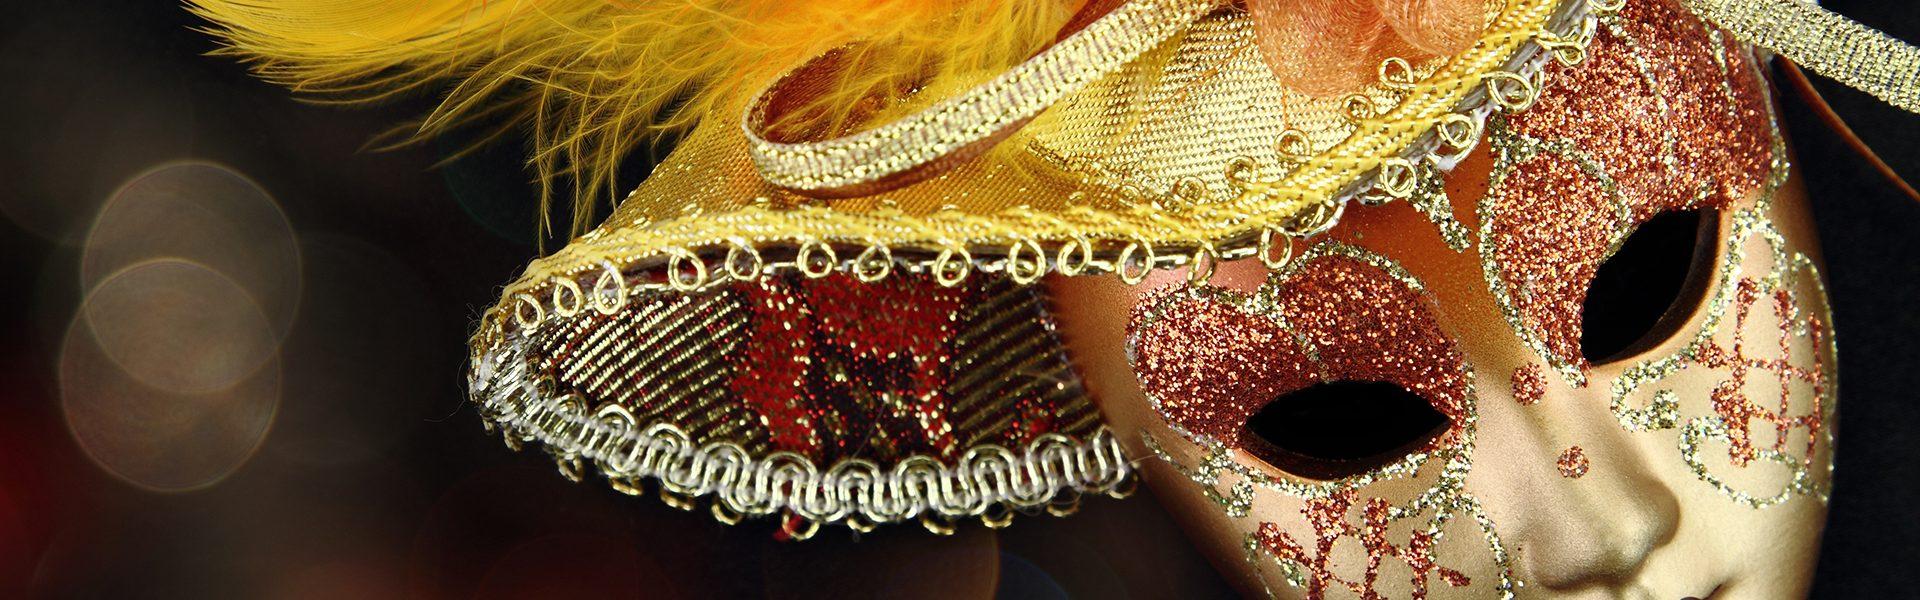 17364304 - vintage carnival mask in front of lights background